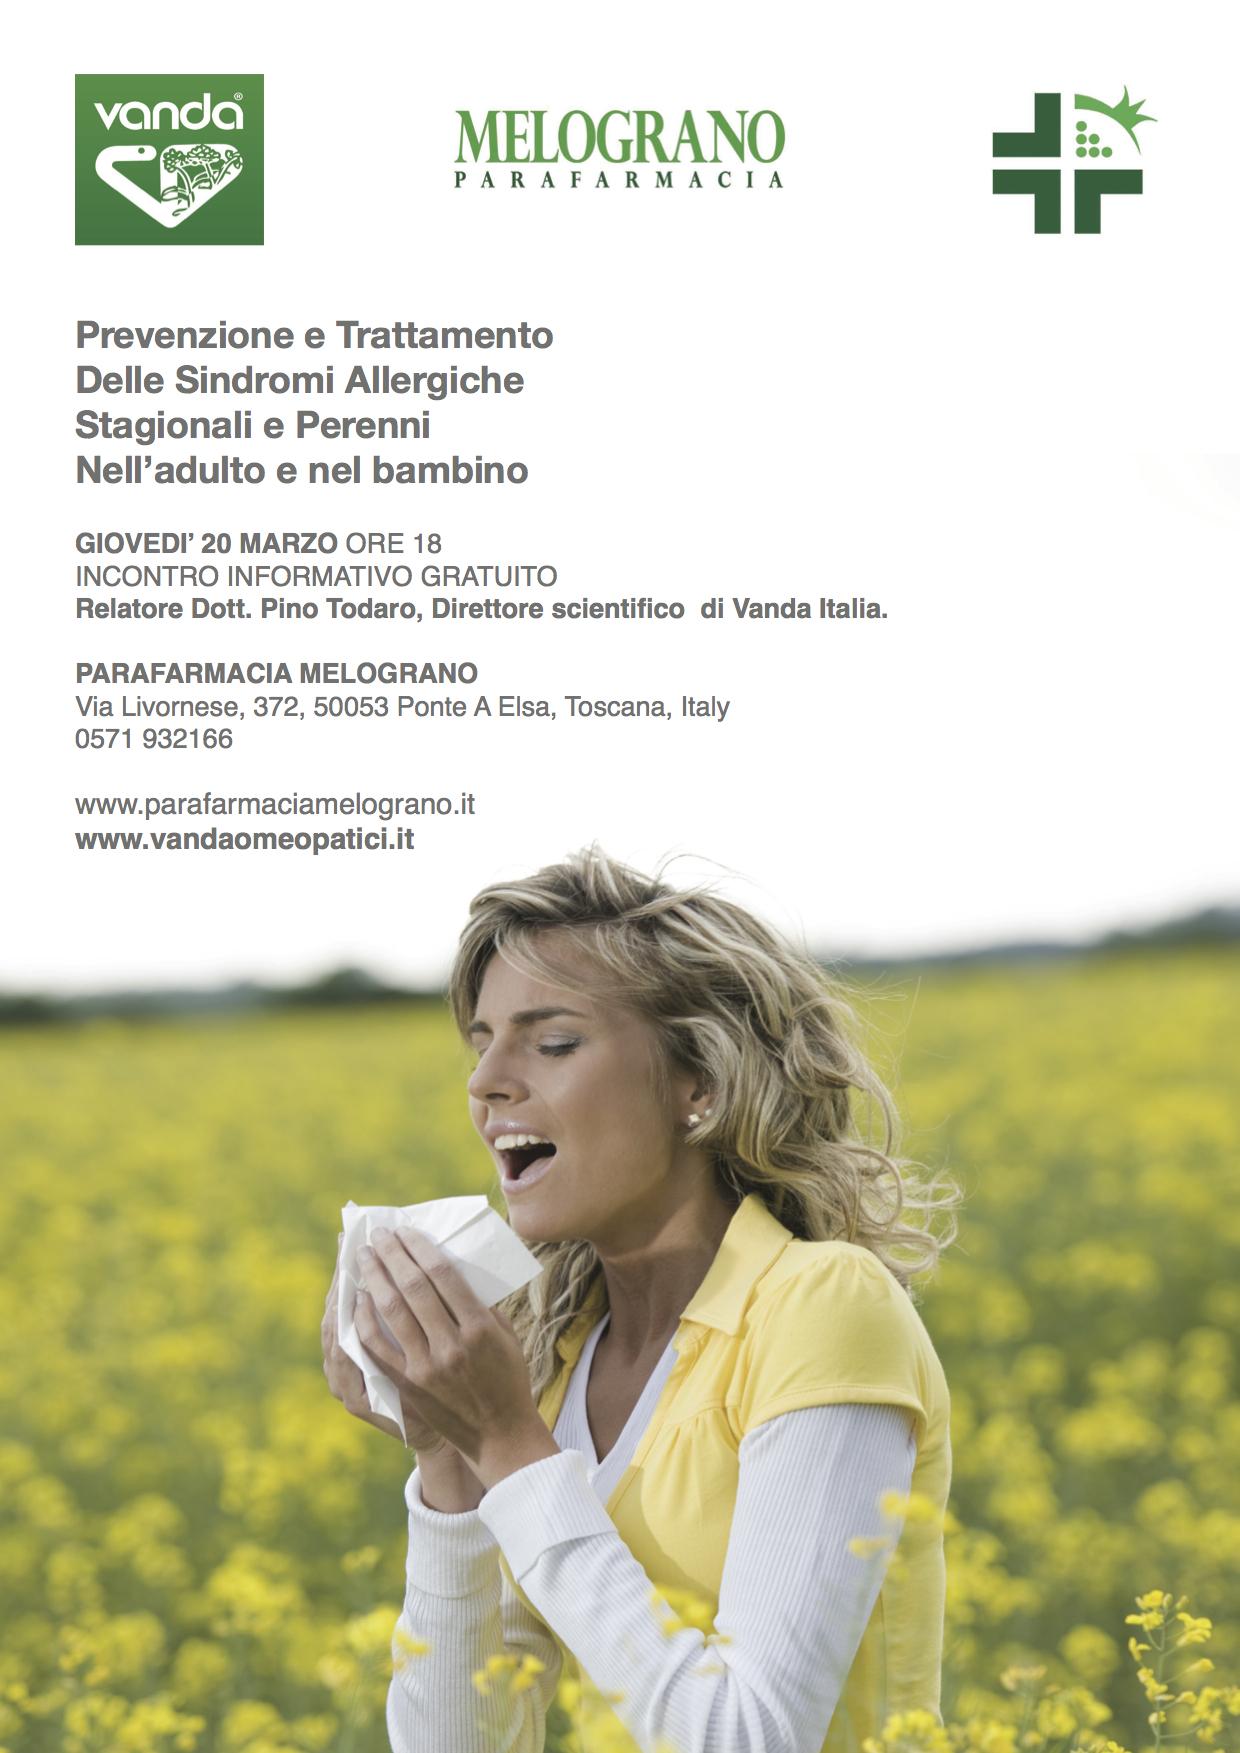 Prevenzione e Trattamento  Delle Sindromi Allergiche Stagionali e Perenni  Nell'adulto e nel bambino